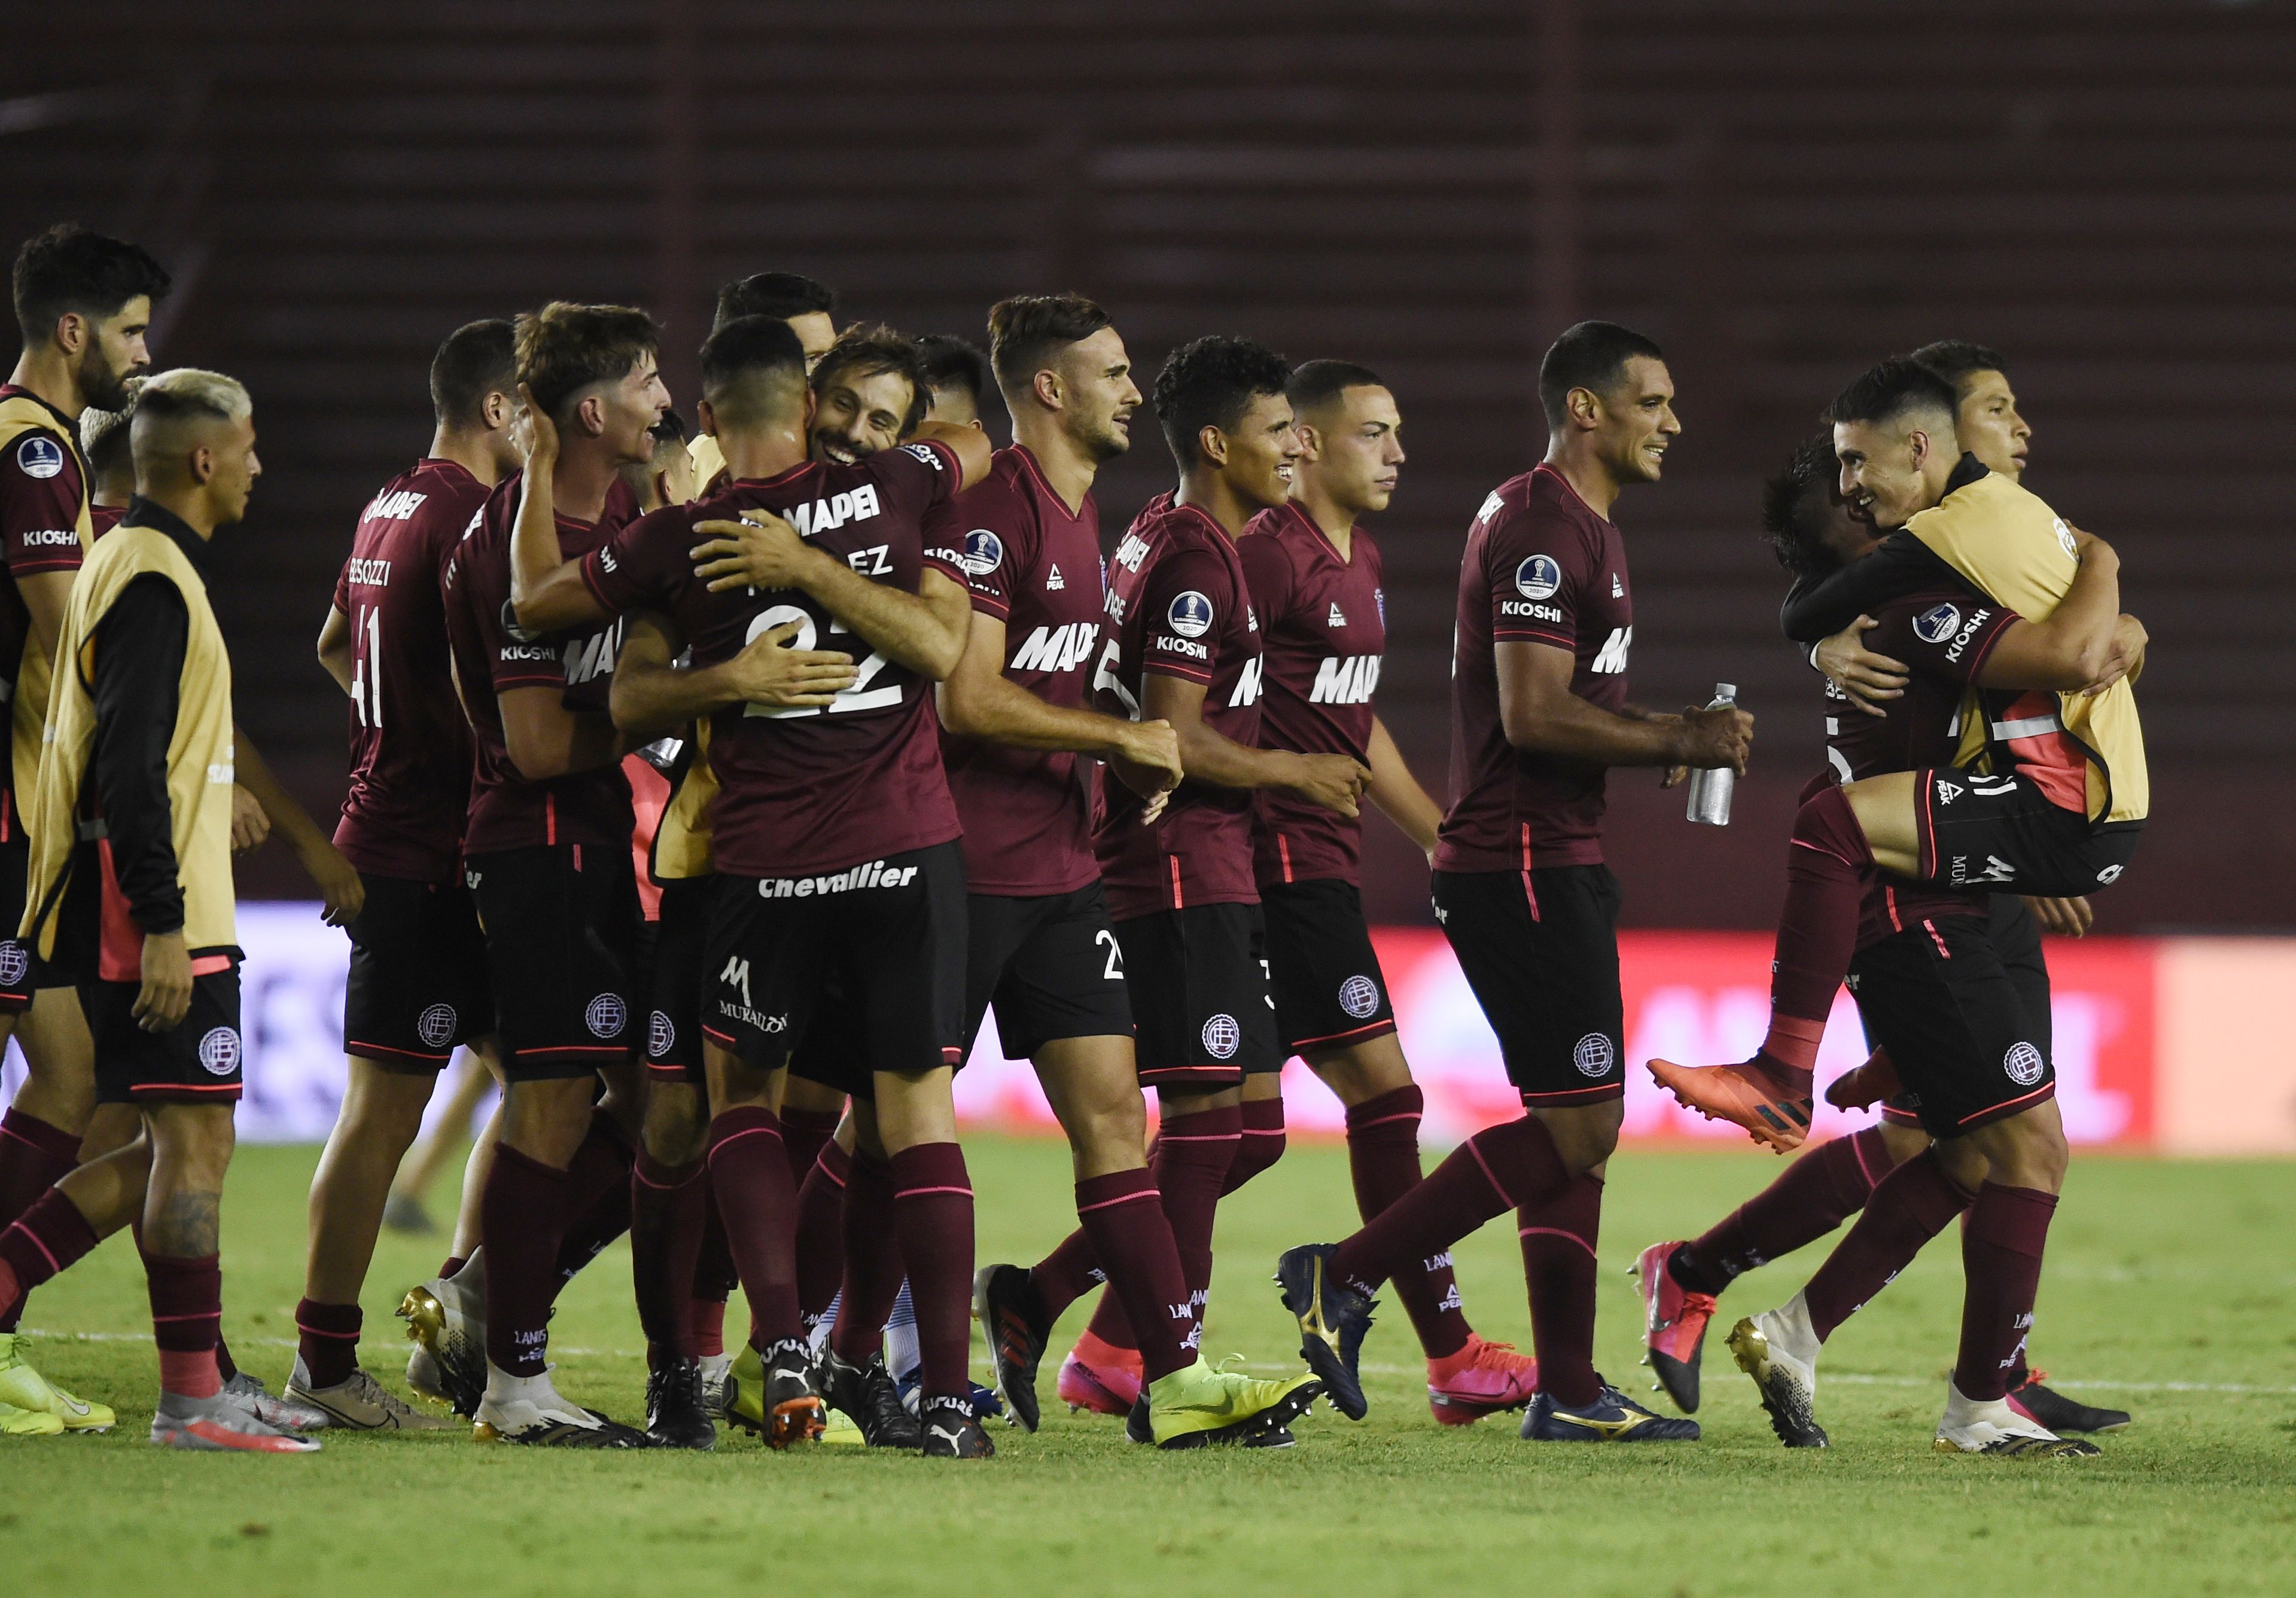 Lanús llegó a la final con una mezcla de juventud y experiencia (REUTERS/Marcelo Endelli)